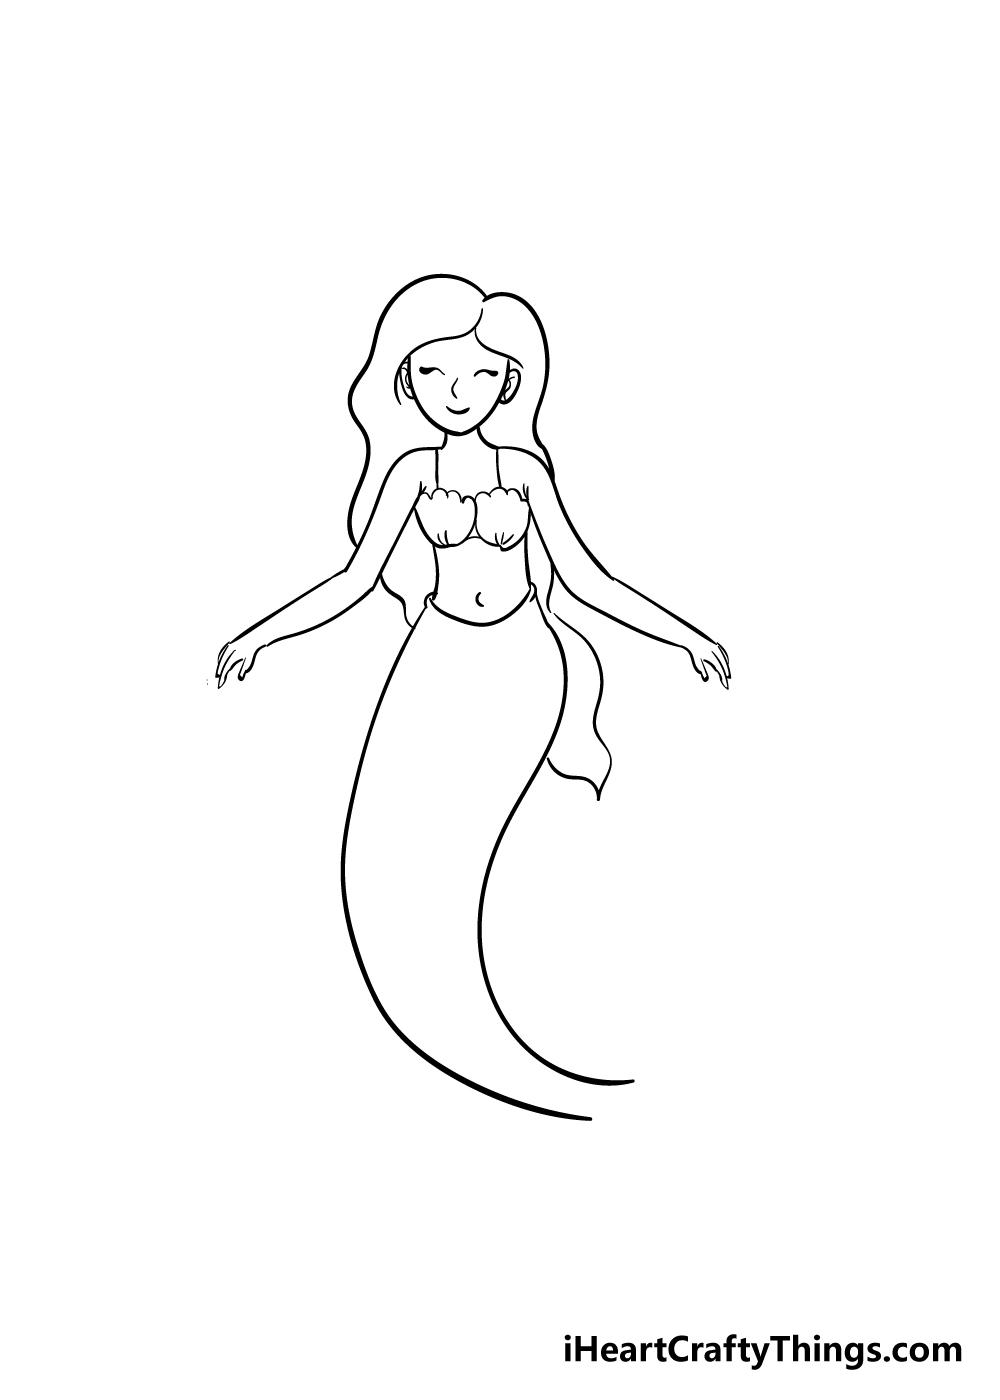 mermaid drawing step 6